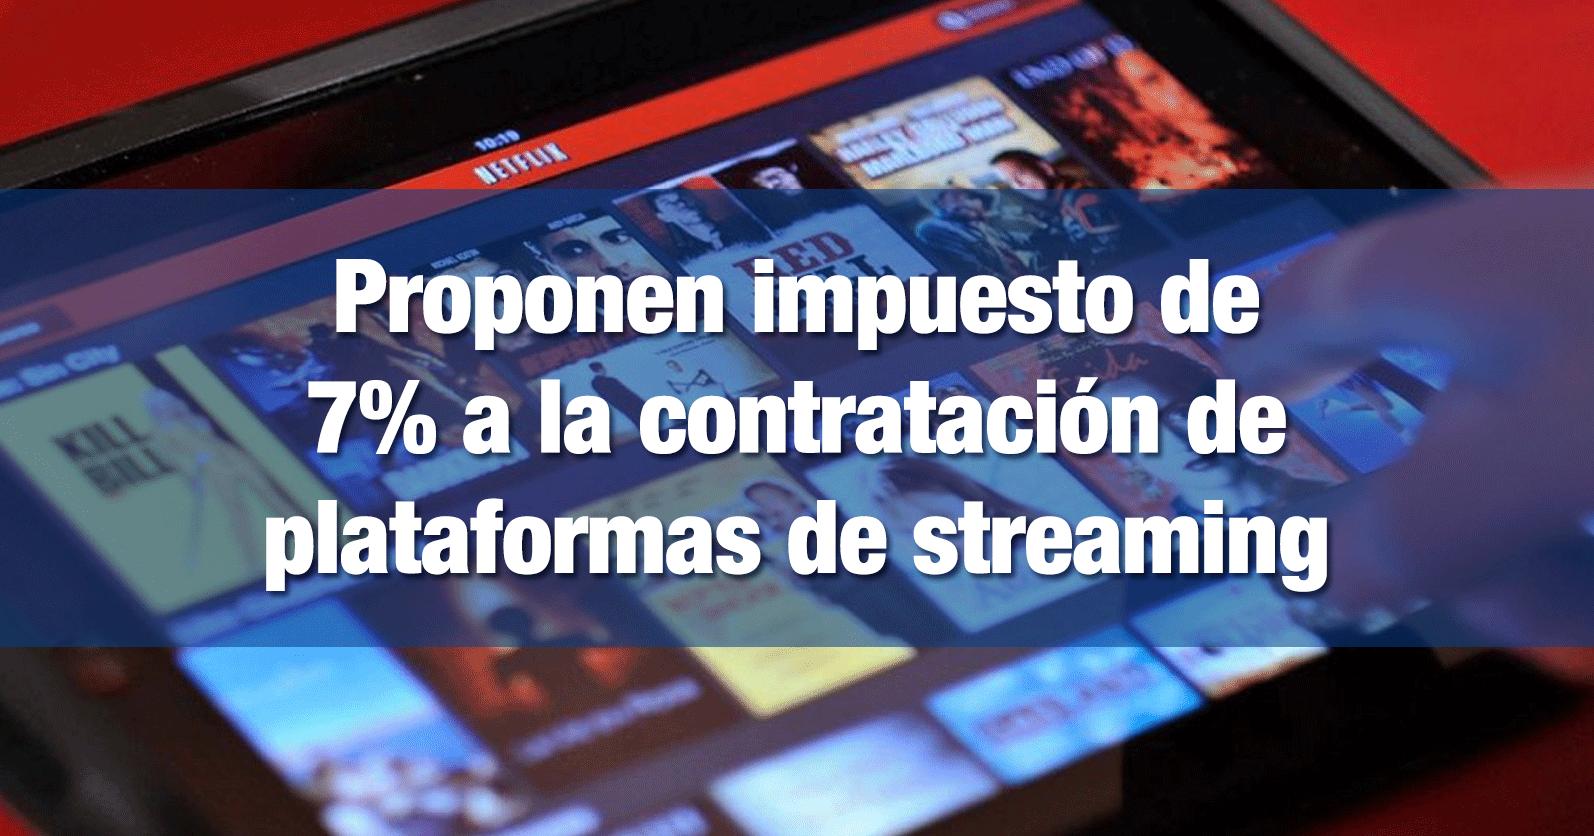 Proponen impuesto de 7% a la contratación de plataformas de streaming